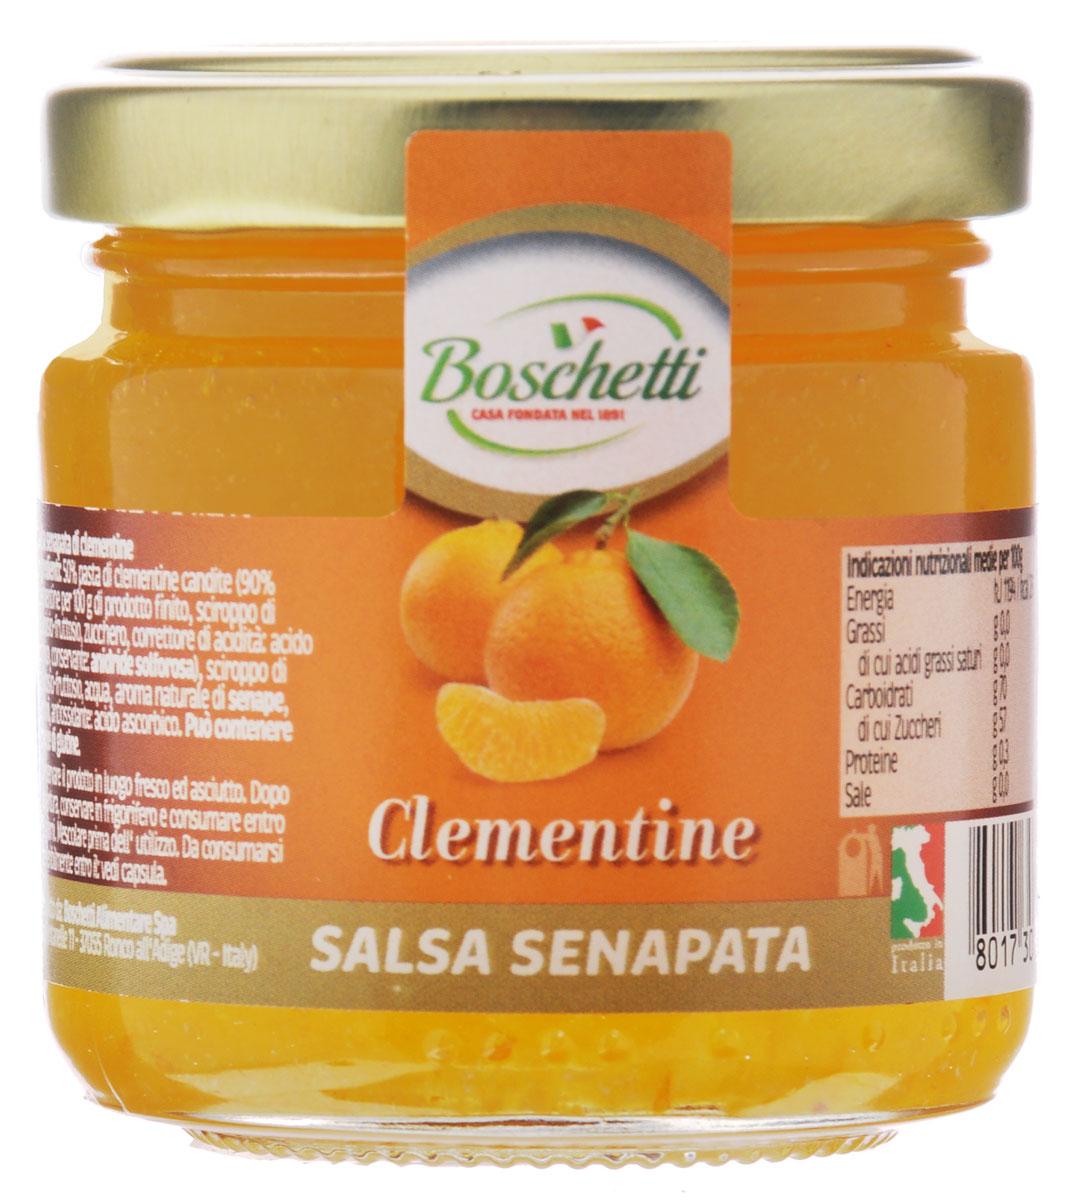 Boschetti Clementine соус сальса, 120 г0120710Горчичный соус Boschetti из мандарина имеет вкус праздника. Об этом позаботились итальянские кулинары, сумевшие добиться грамотного сочетания горчицы и мандарина. Тонкие вкусовые оттенки дополняются аппетитным ароматом. Если же вы цените свое время, то просто используйте Boschetti как наполнитель в тарталетках вместе с сыром или кусочком измельченной ветчины. За очень короткое время у вас получится целое блюдо оригинальных лакомств.Состав: паста мандариновая с сахаром 50% (90% мандарин на 100 г готового продукта: сироп глюкозы-фруктозы, сахар, регулятор кислотности (лимонная кислота), консервант (ангидрид)), сироп глюкозы-фруктозы, вода, натуральный ароматизатор горчица, ароматизаторы, антиокислитель (аскорбиновая кислота). Может содержать клейковину.